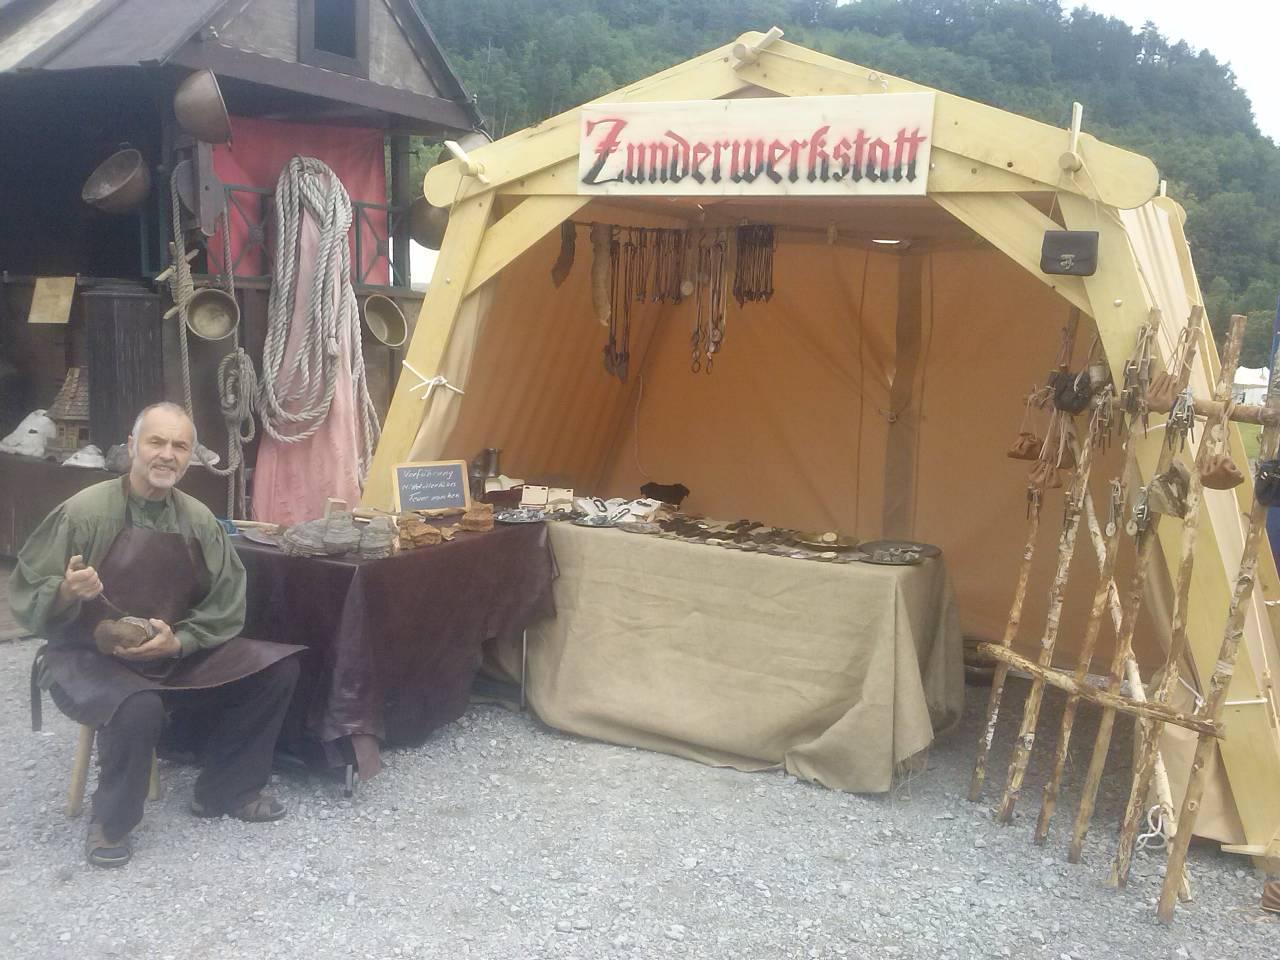 Vorführung mittelalterliches Feuer machen. Darstellung auf Mittelaltermarkt.  Handwerker Zundermacher, Handwerker, mittelalter spectaculum